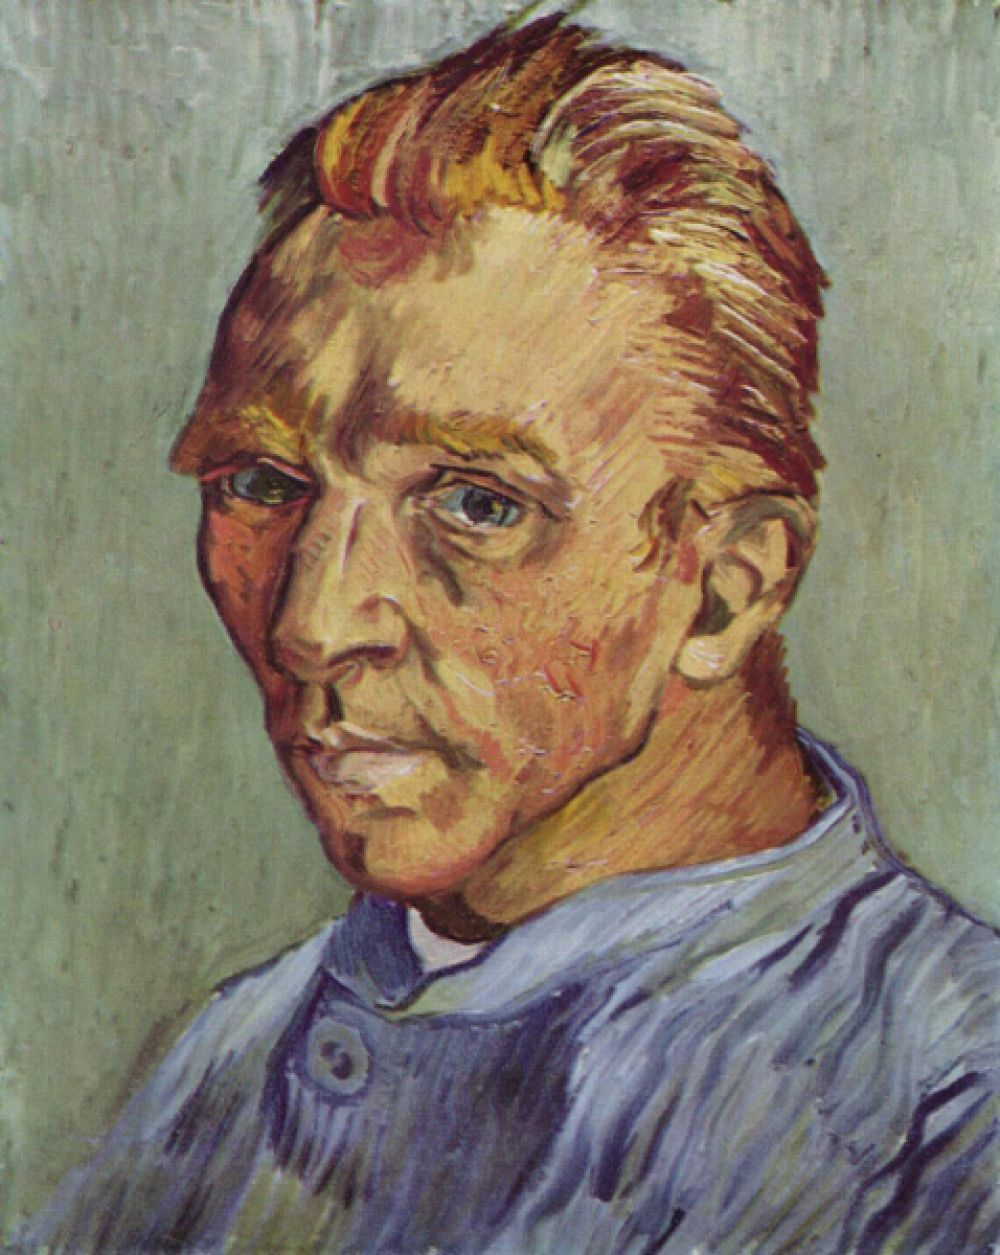 «Портрет художника без бороды». Ван Гог написал великое множество автопортретов, но этот — единственный, где художник гладко выбрит. В 1998 году картина была продана на аукционе Christie's за 71,5 млн долларов.